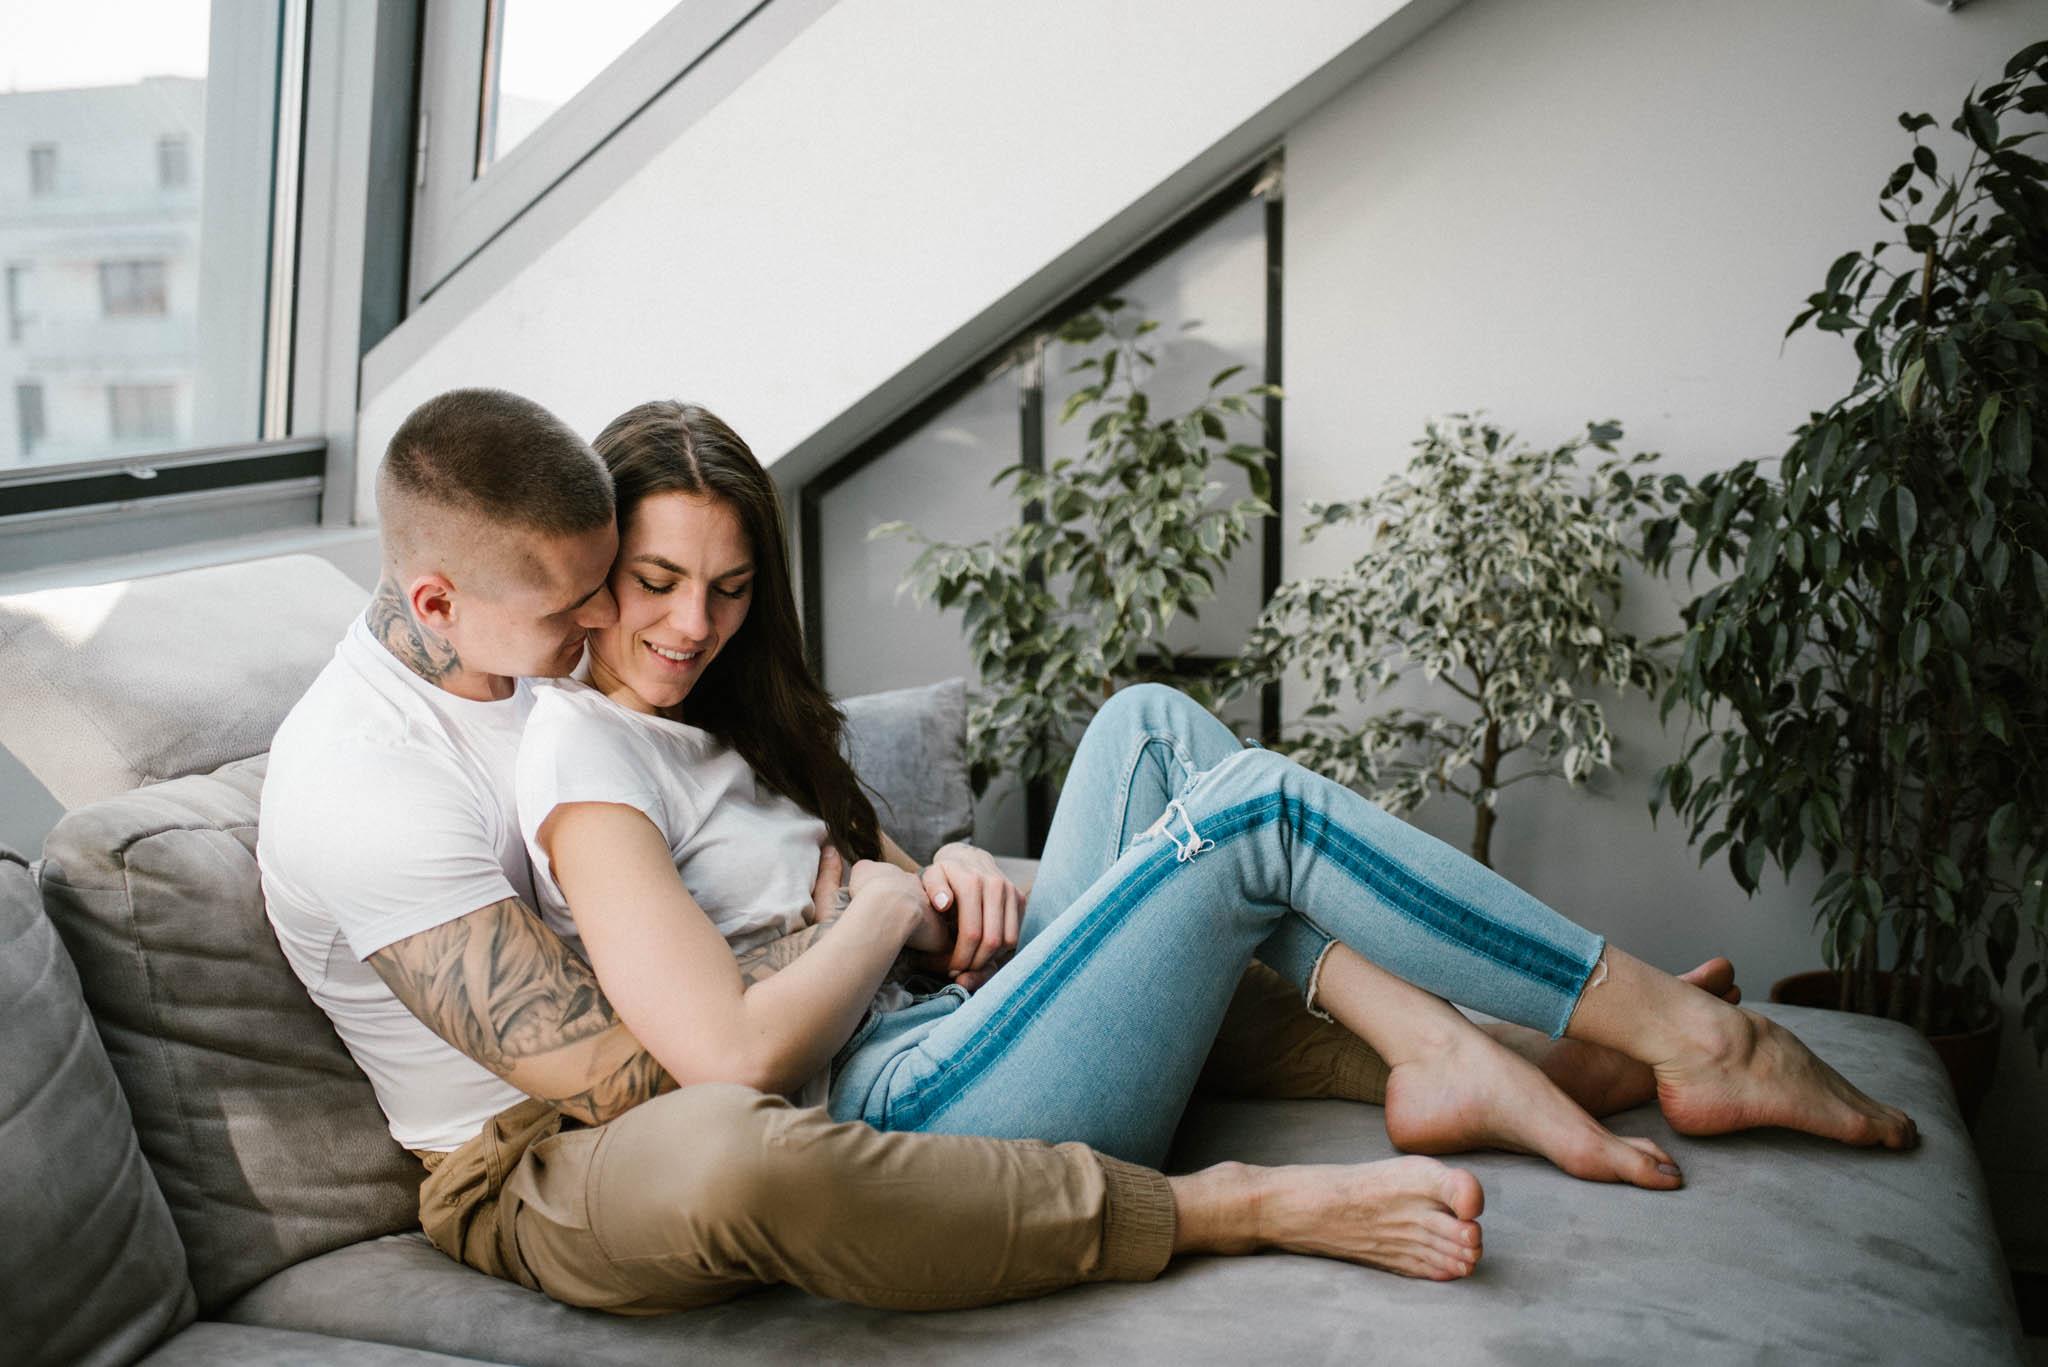 Kobieta i mężczyzna przytulają się na sofie - sesja miłosna lifestyle Poznań Pani Woźna